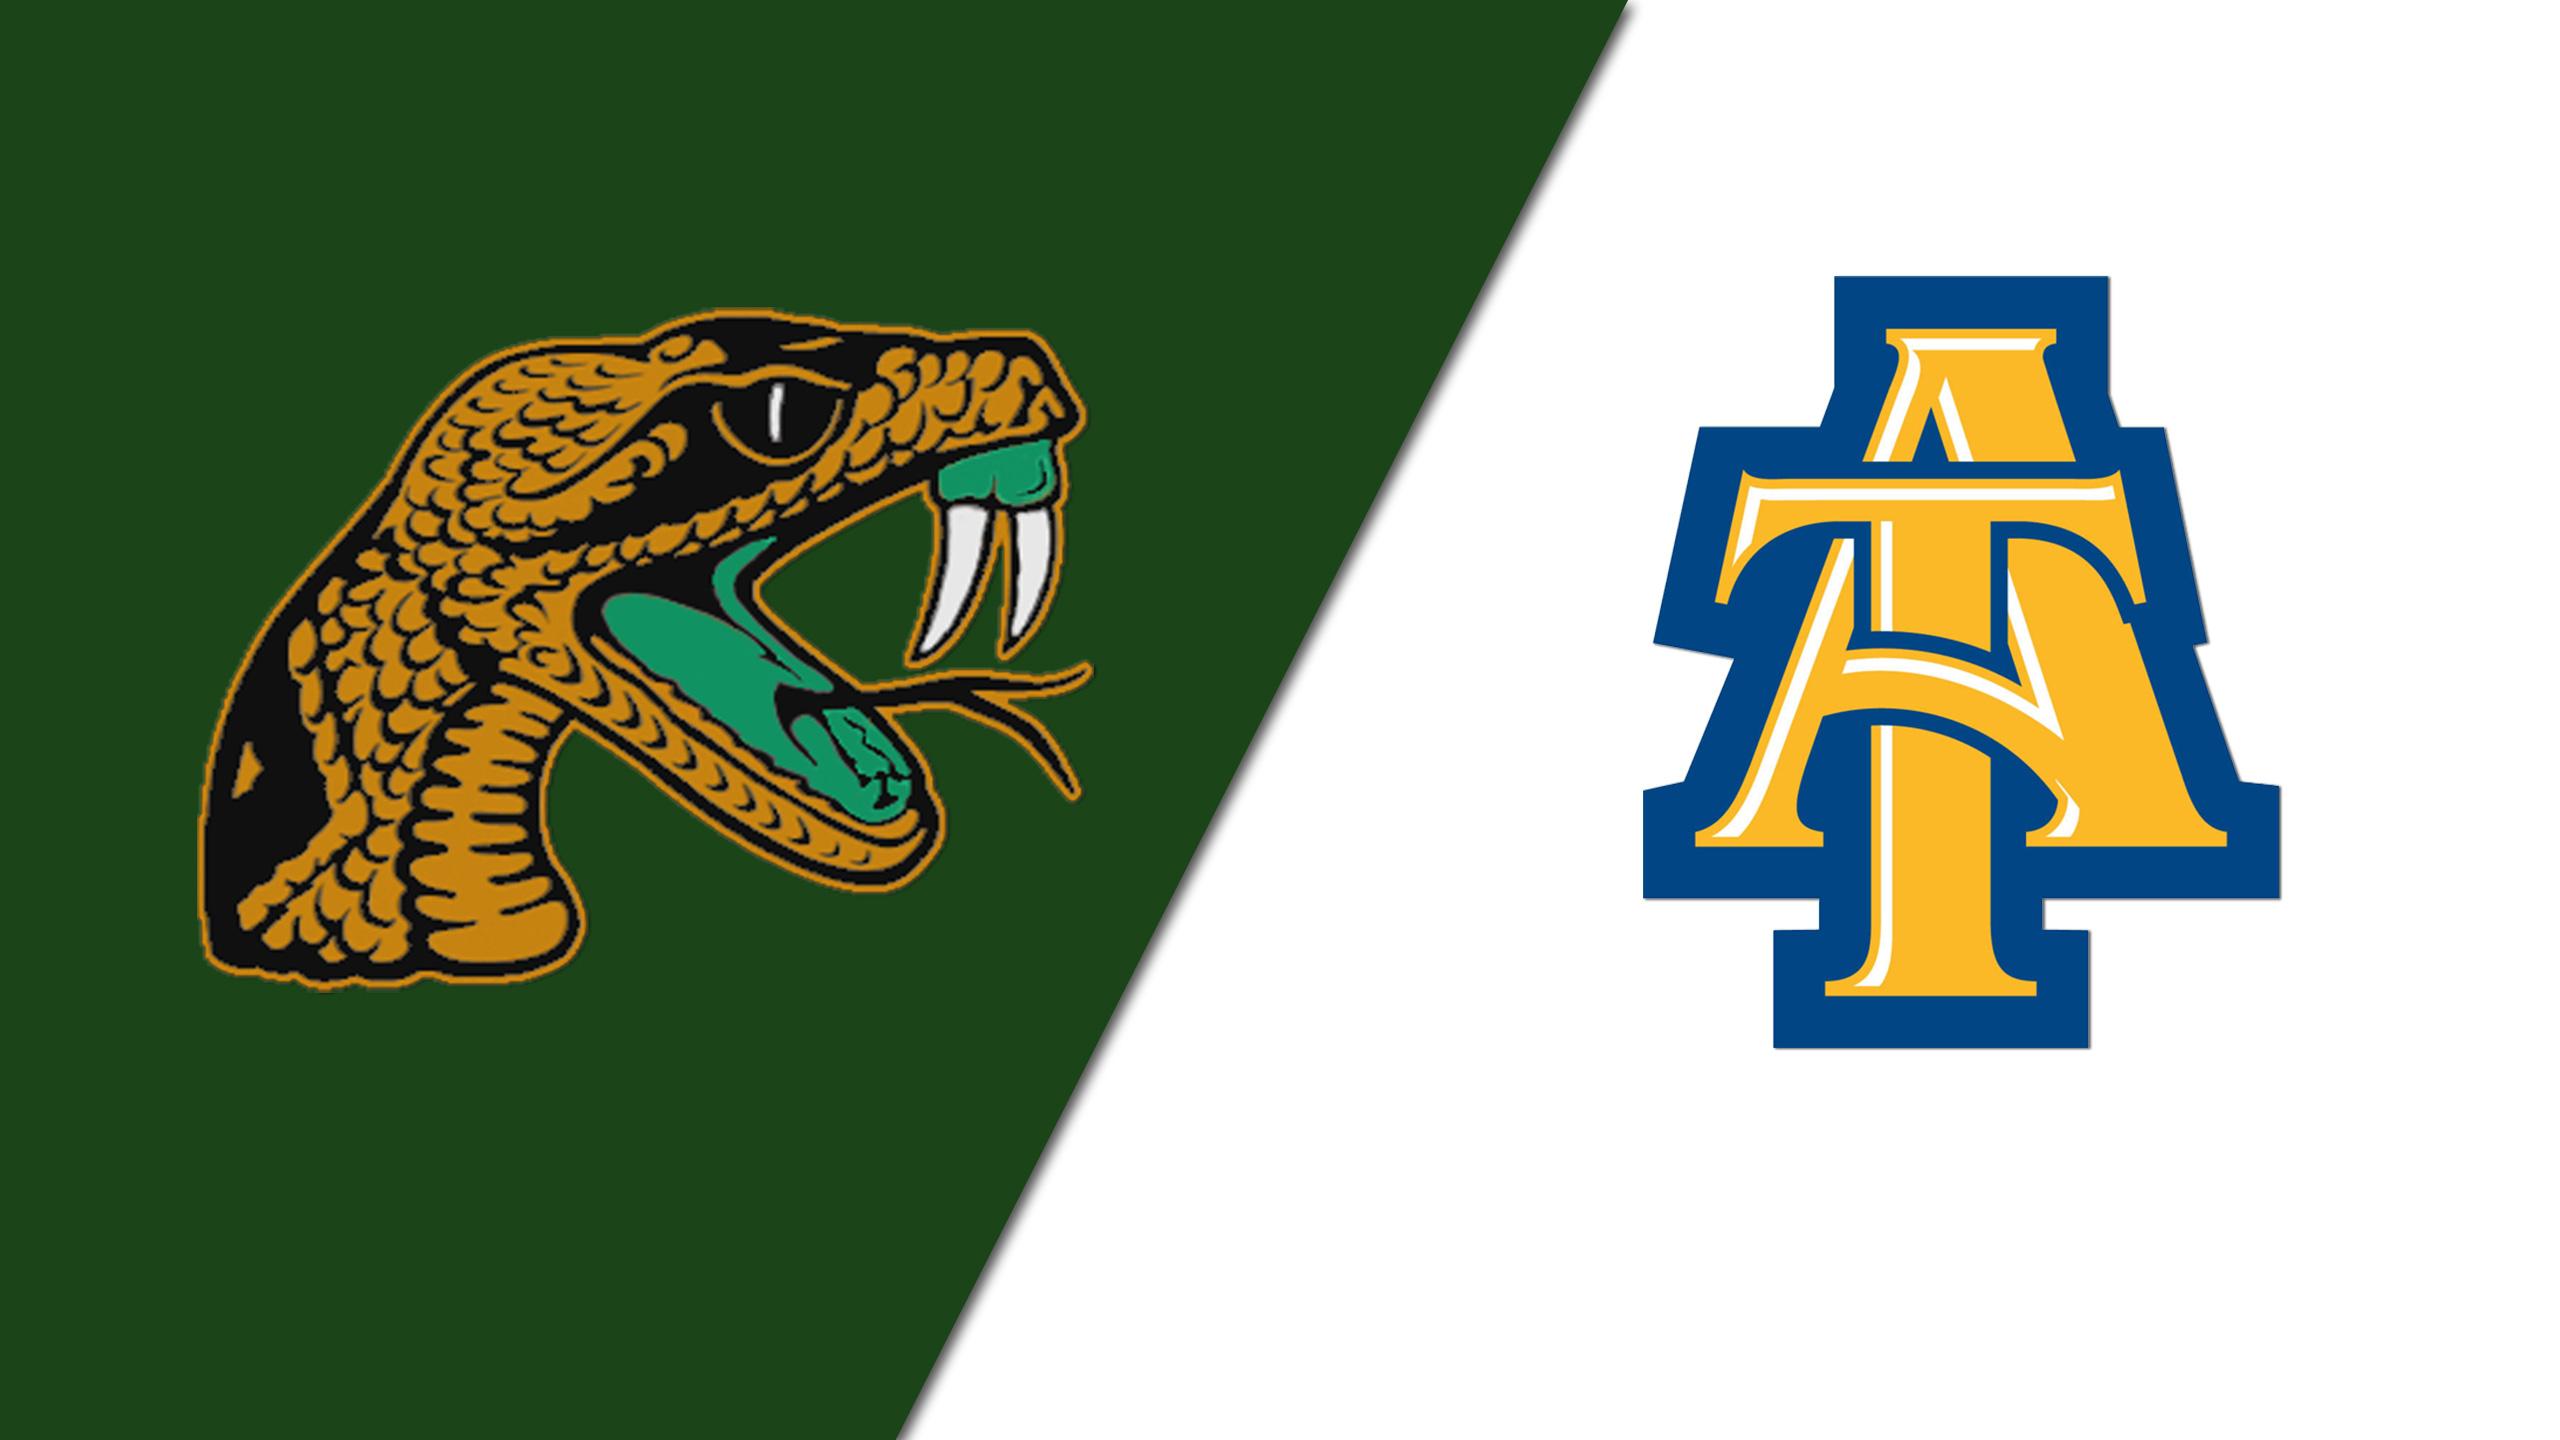 Florida A&M vs. North Carolina A&T (Football)